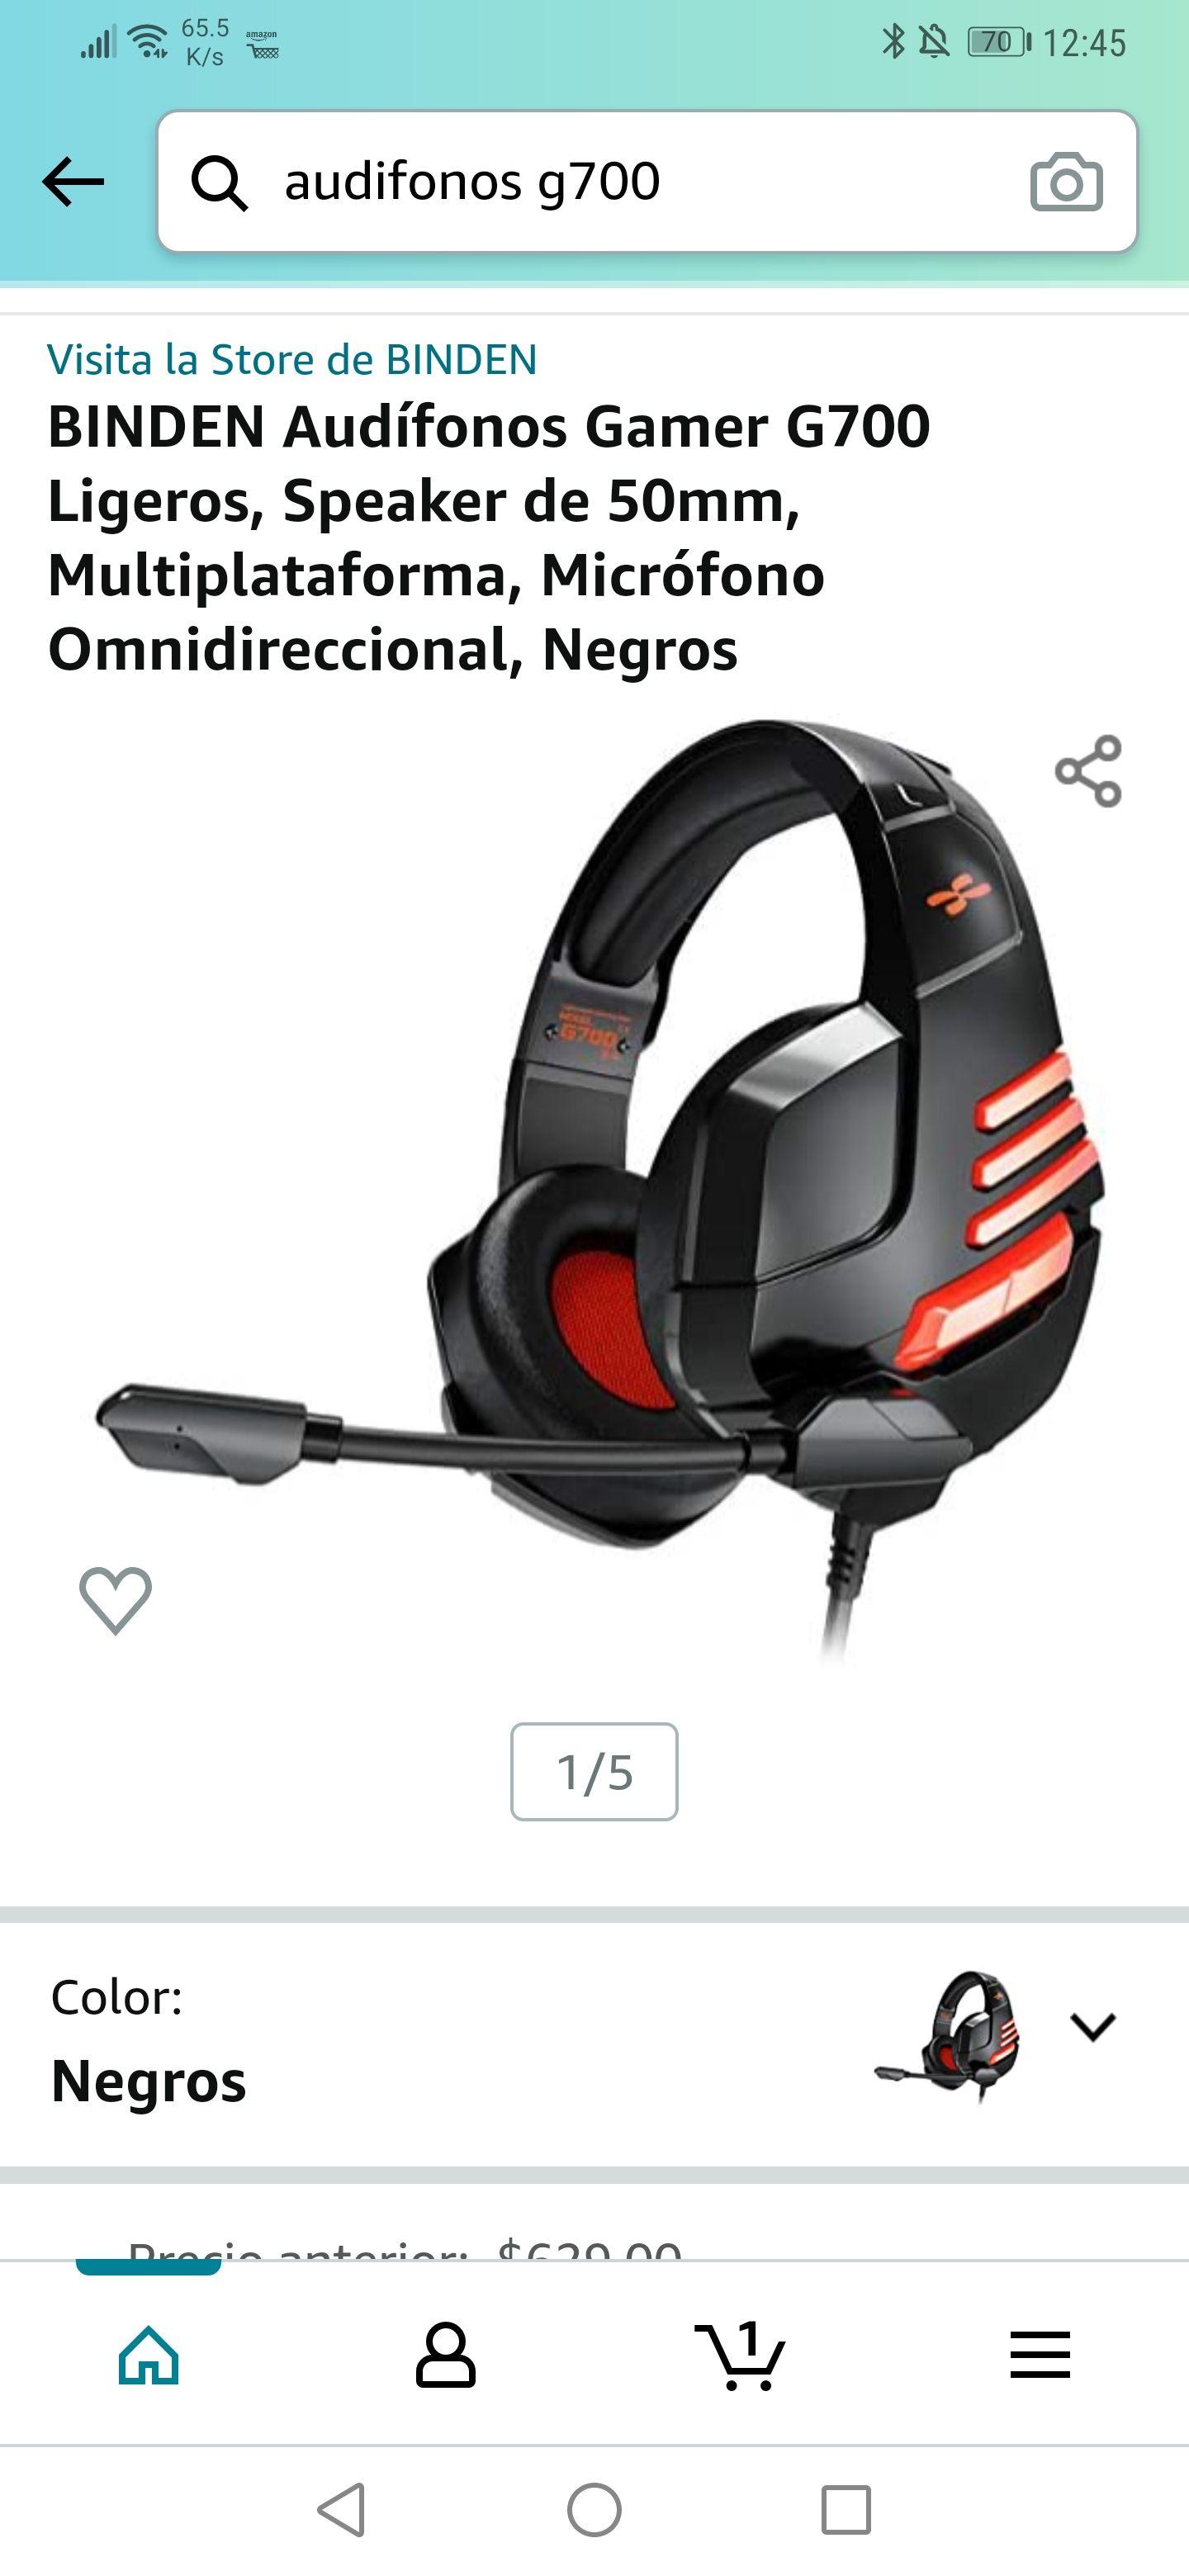 Amazon: Audífonos Gamer Biden G700 y G800 con cancelación de ruido